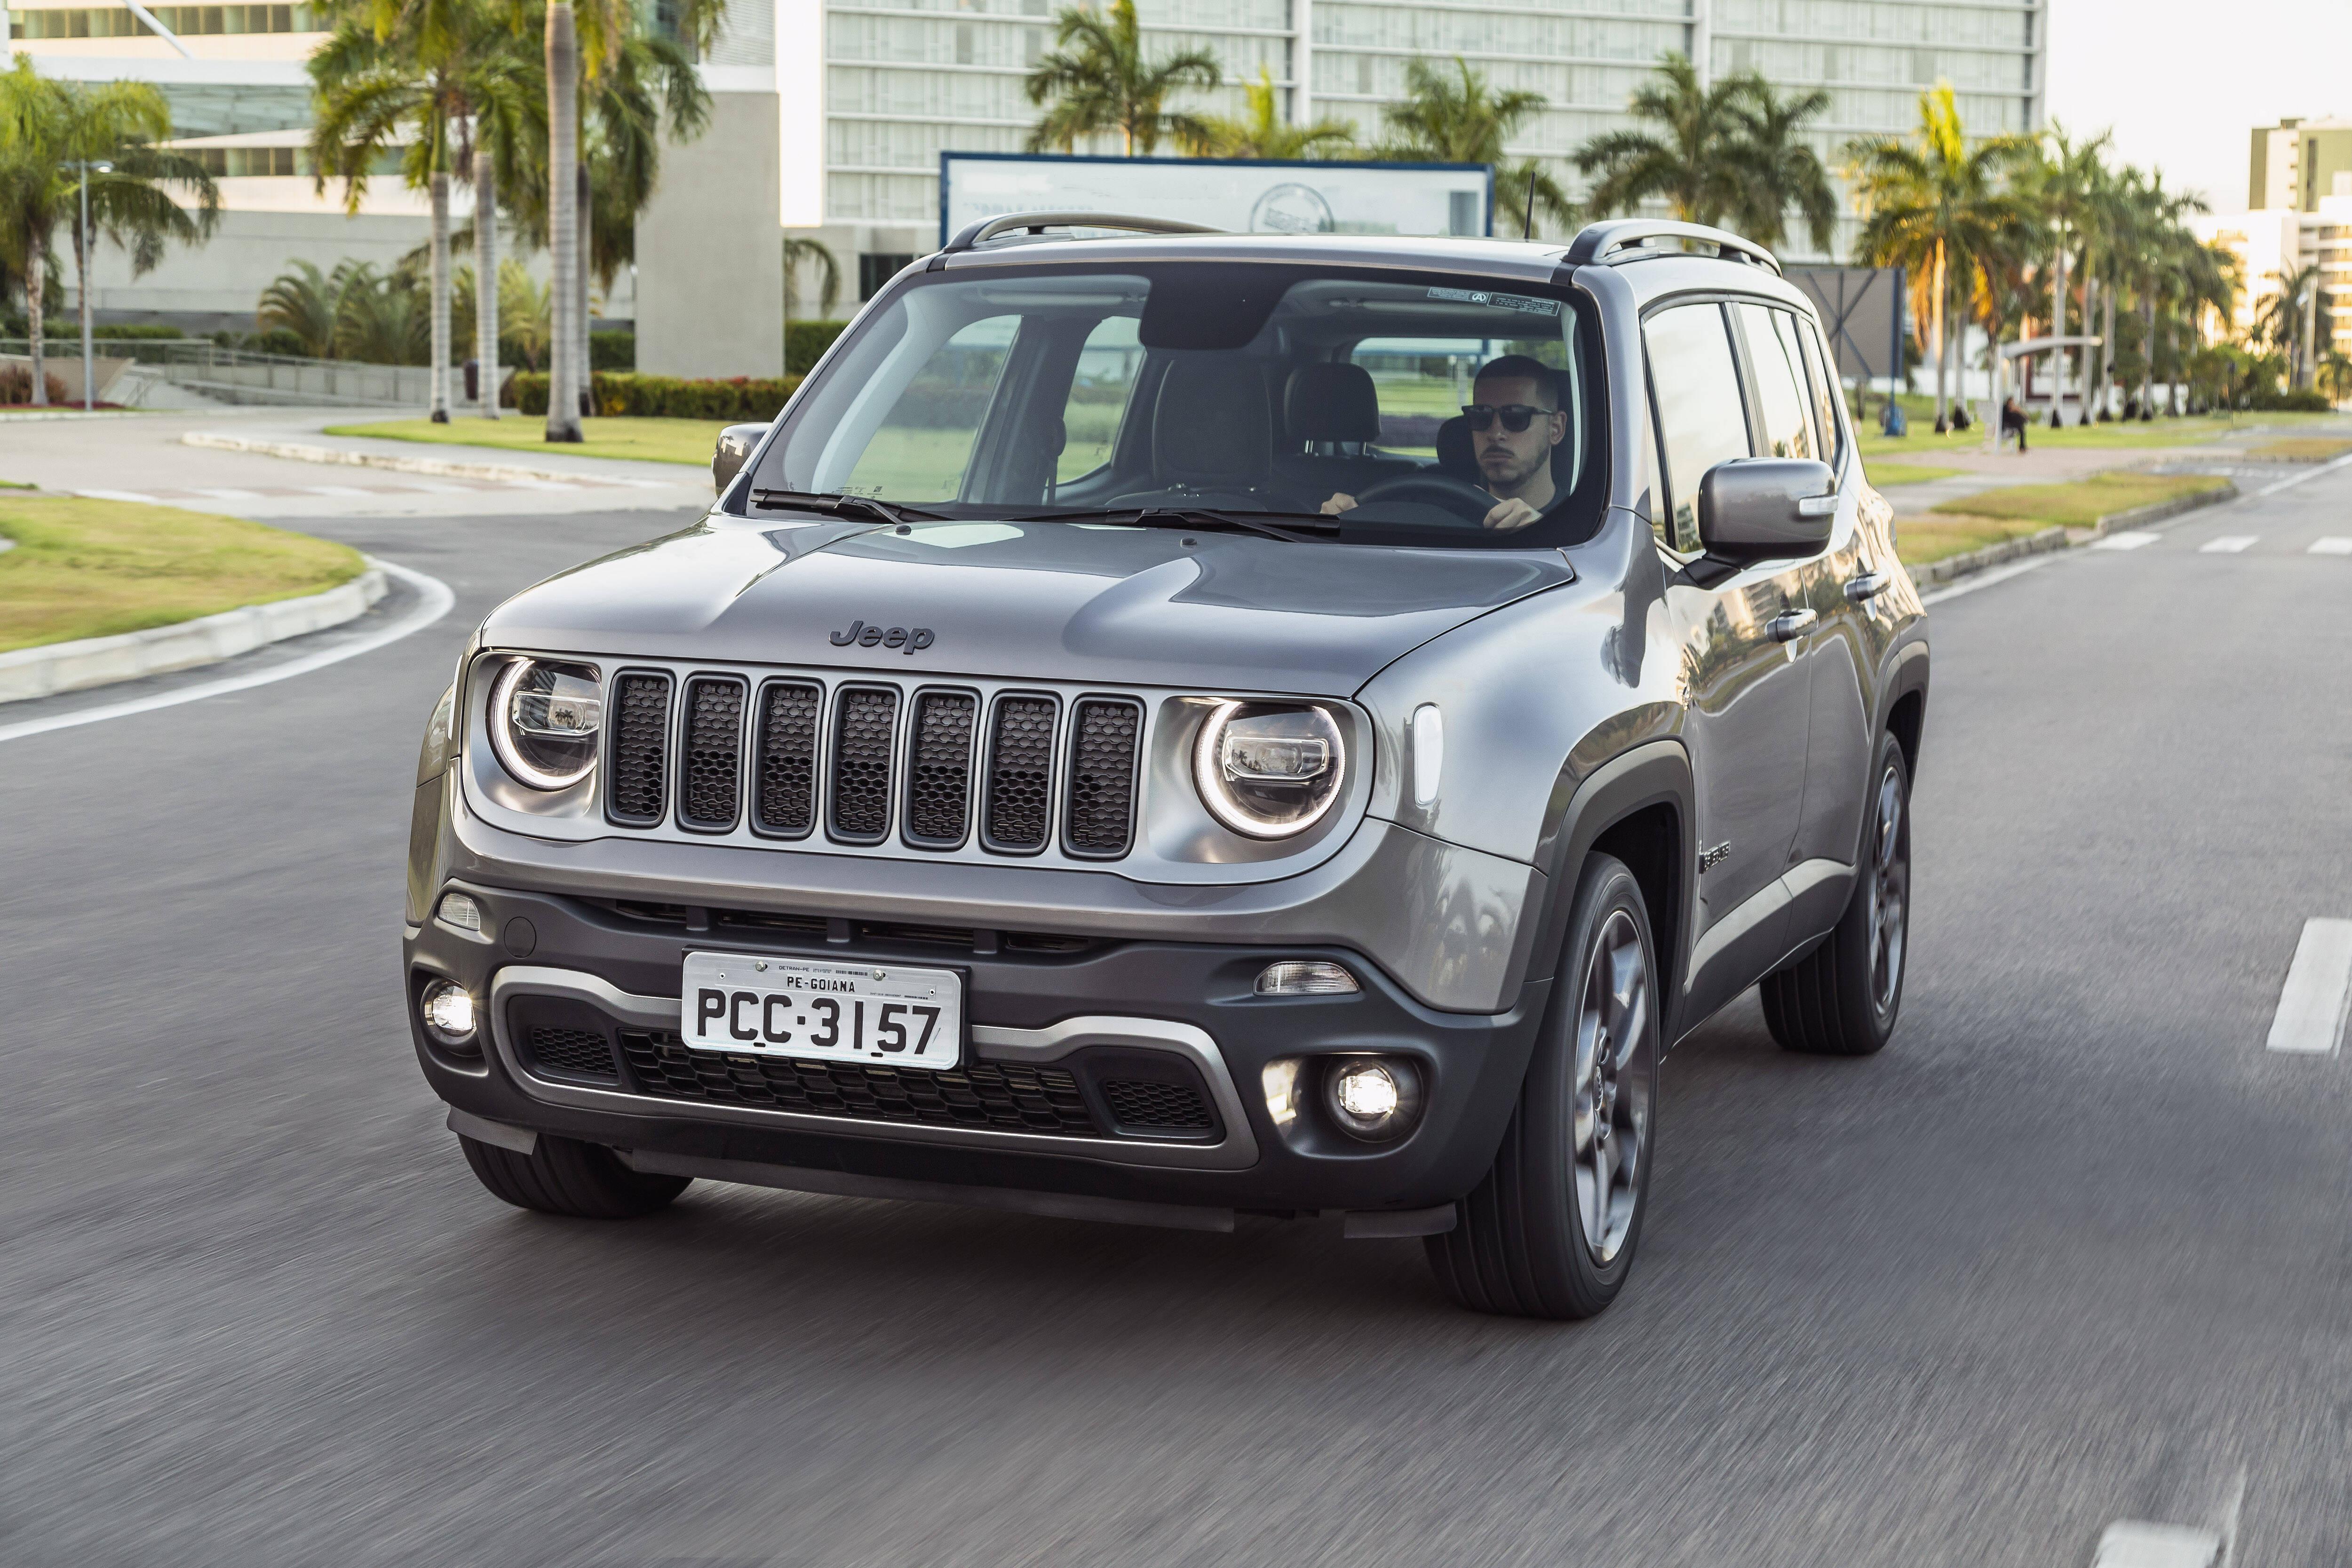 Jeep Renegade 2019. Foto: Divulgação